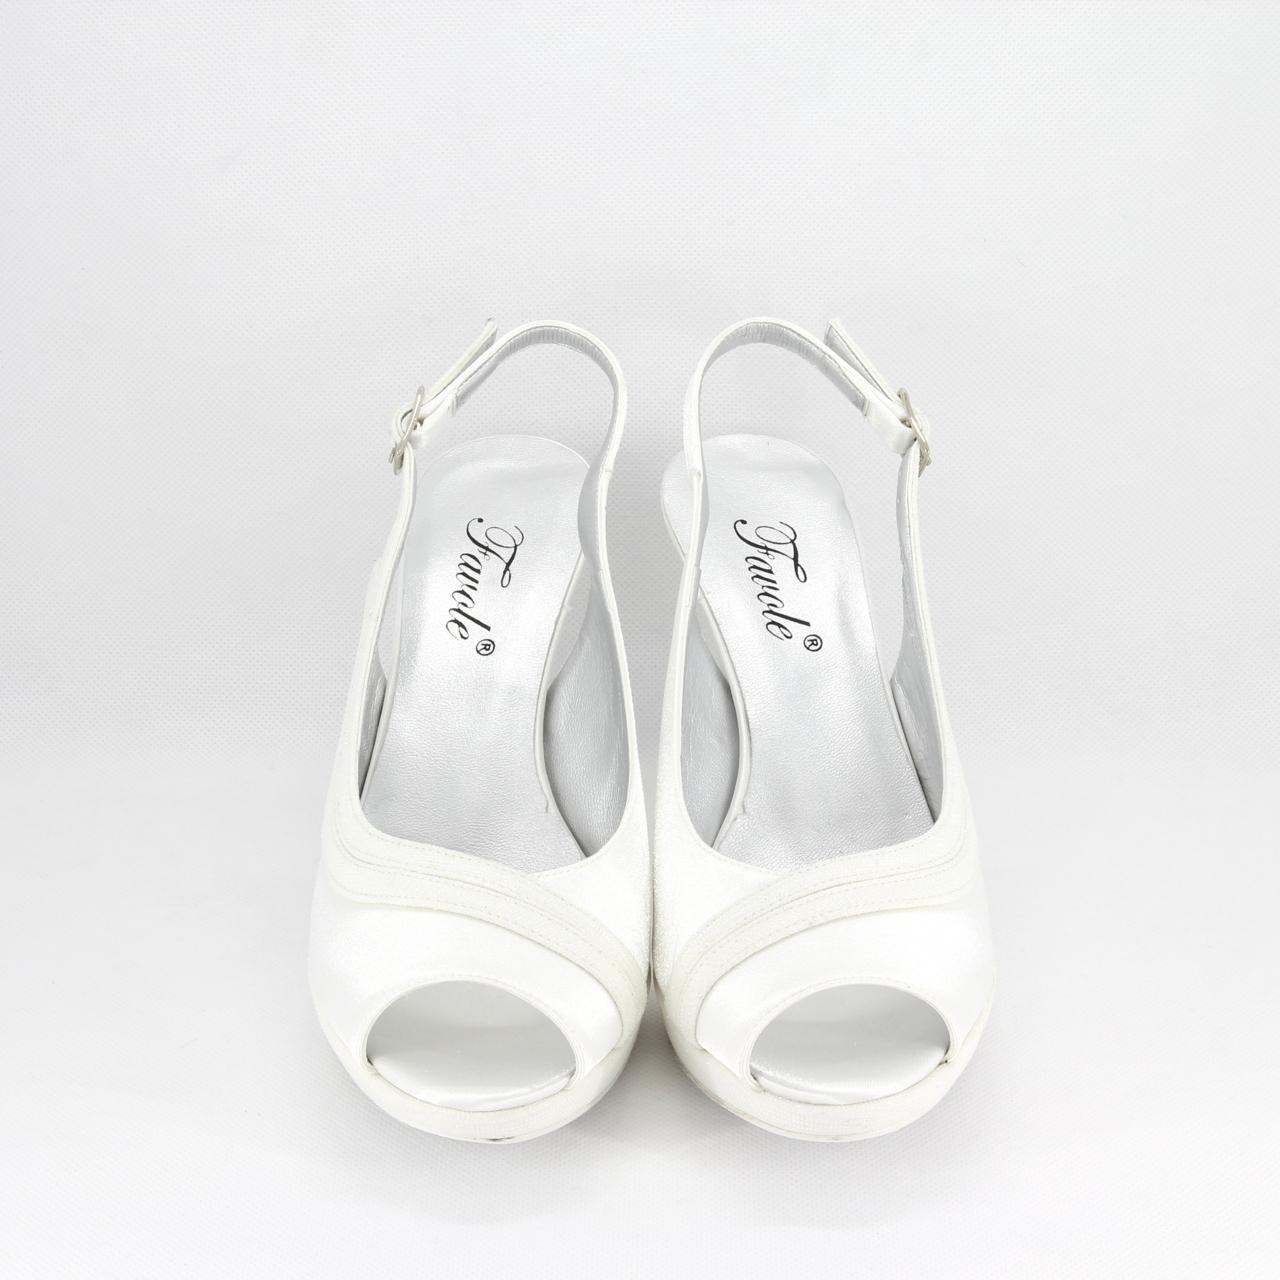 Sandalo donna elegante da cerimonia in tessuto di raso avorio e inserti tessuto glitter con cinghietta regolabile Art. A693 Gi Effe Ci